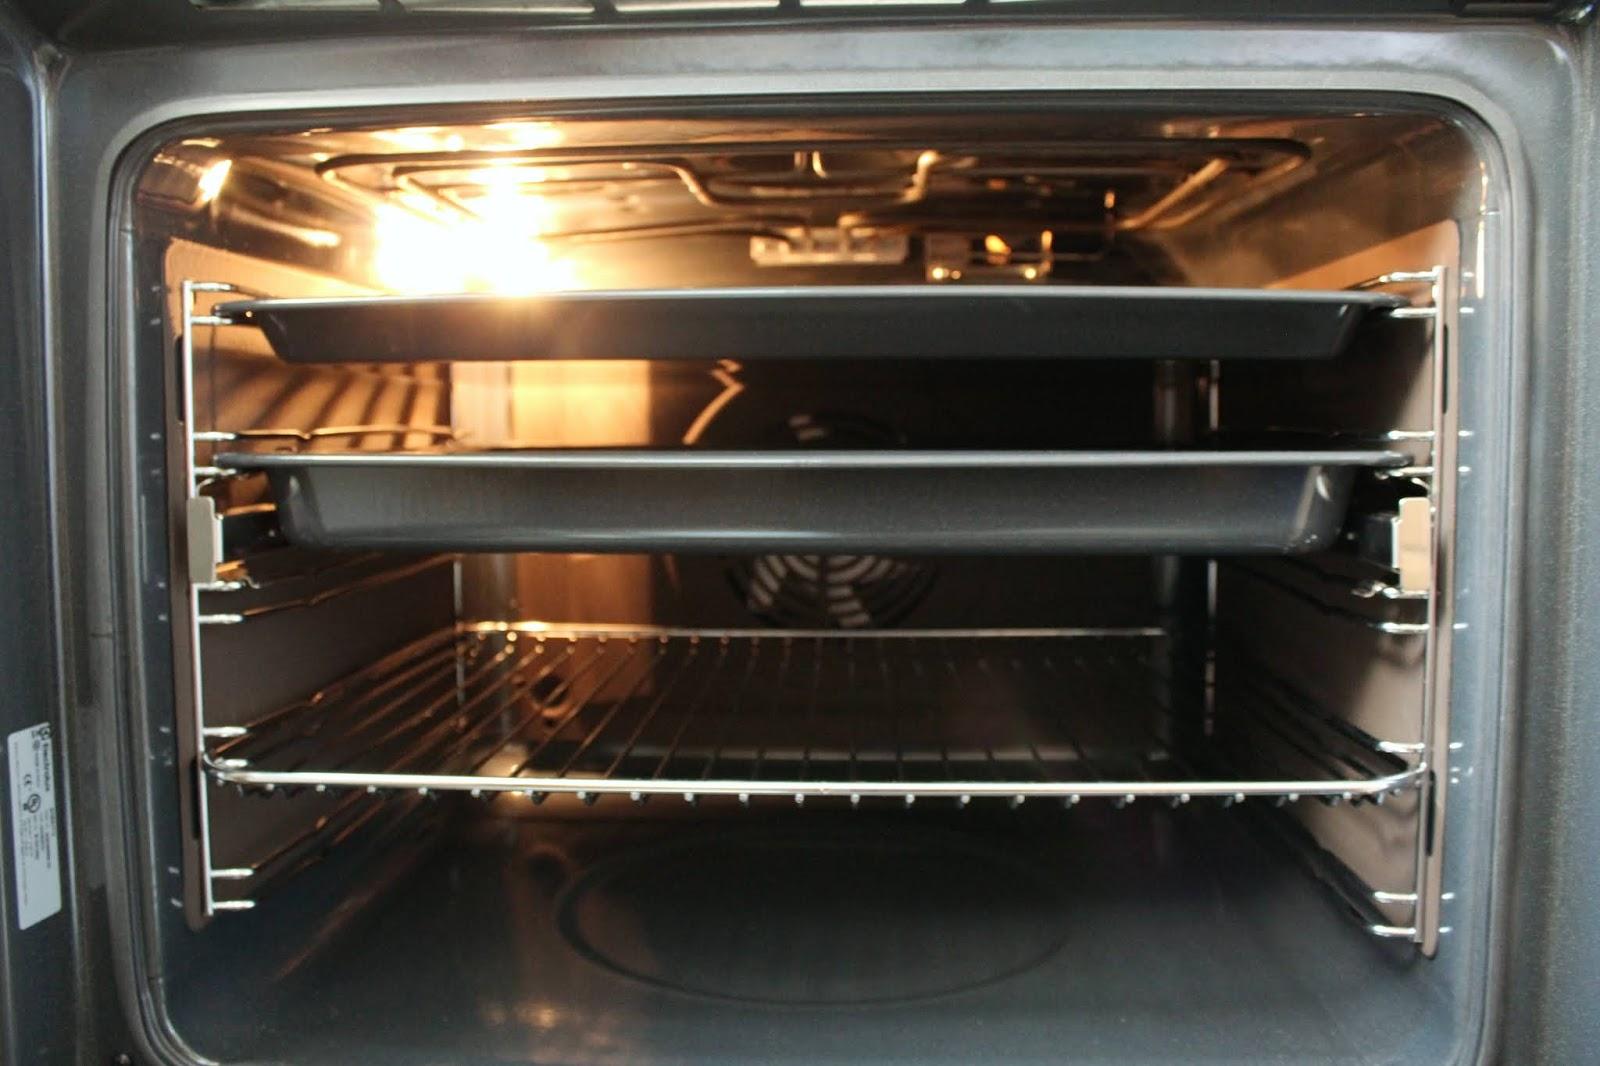 Piekarnik wielofunkcyjny Electrolux seria 700 SenseCook EOE5C71X